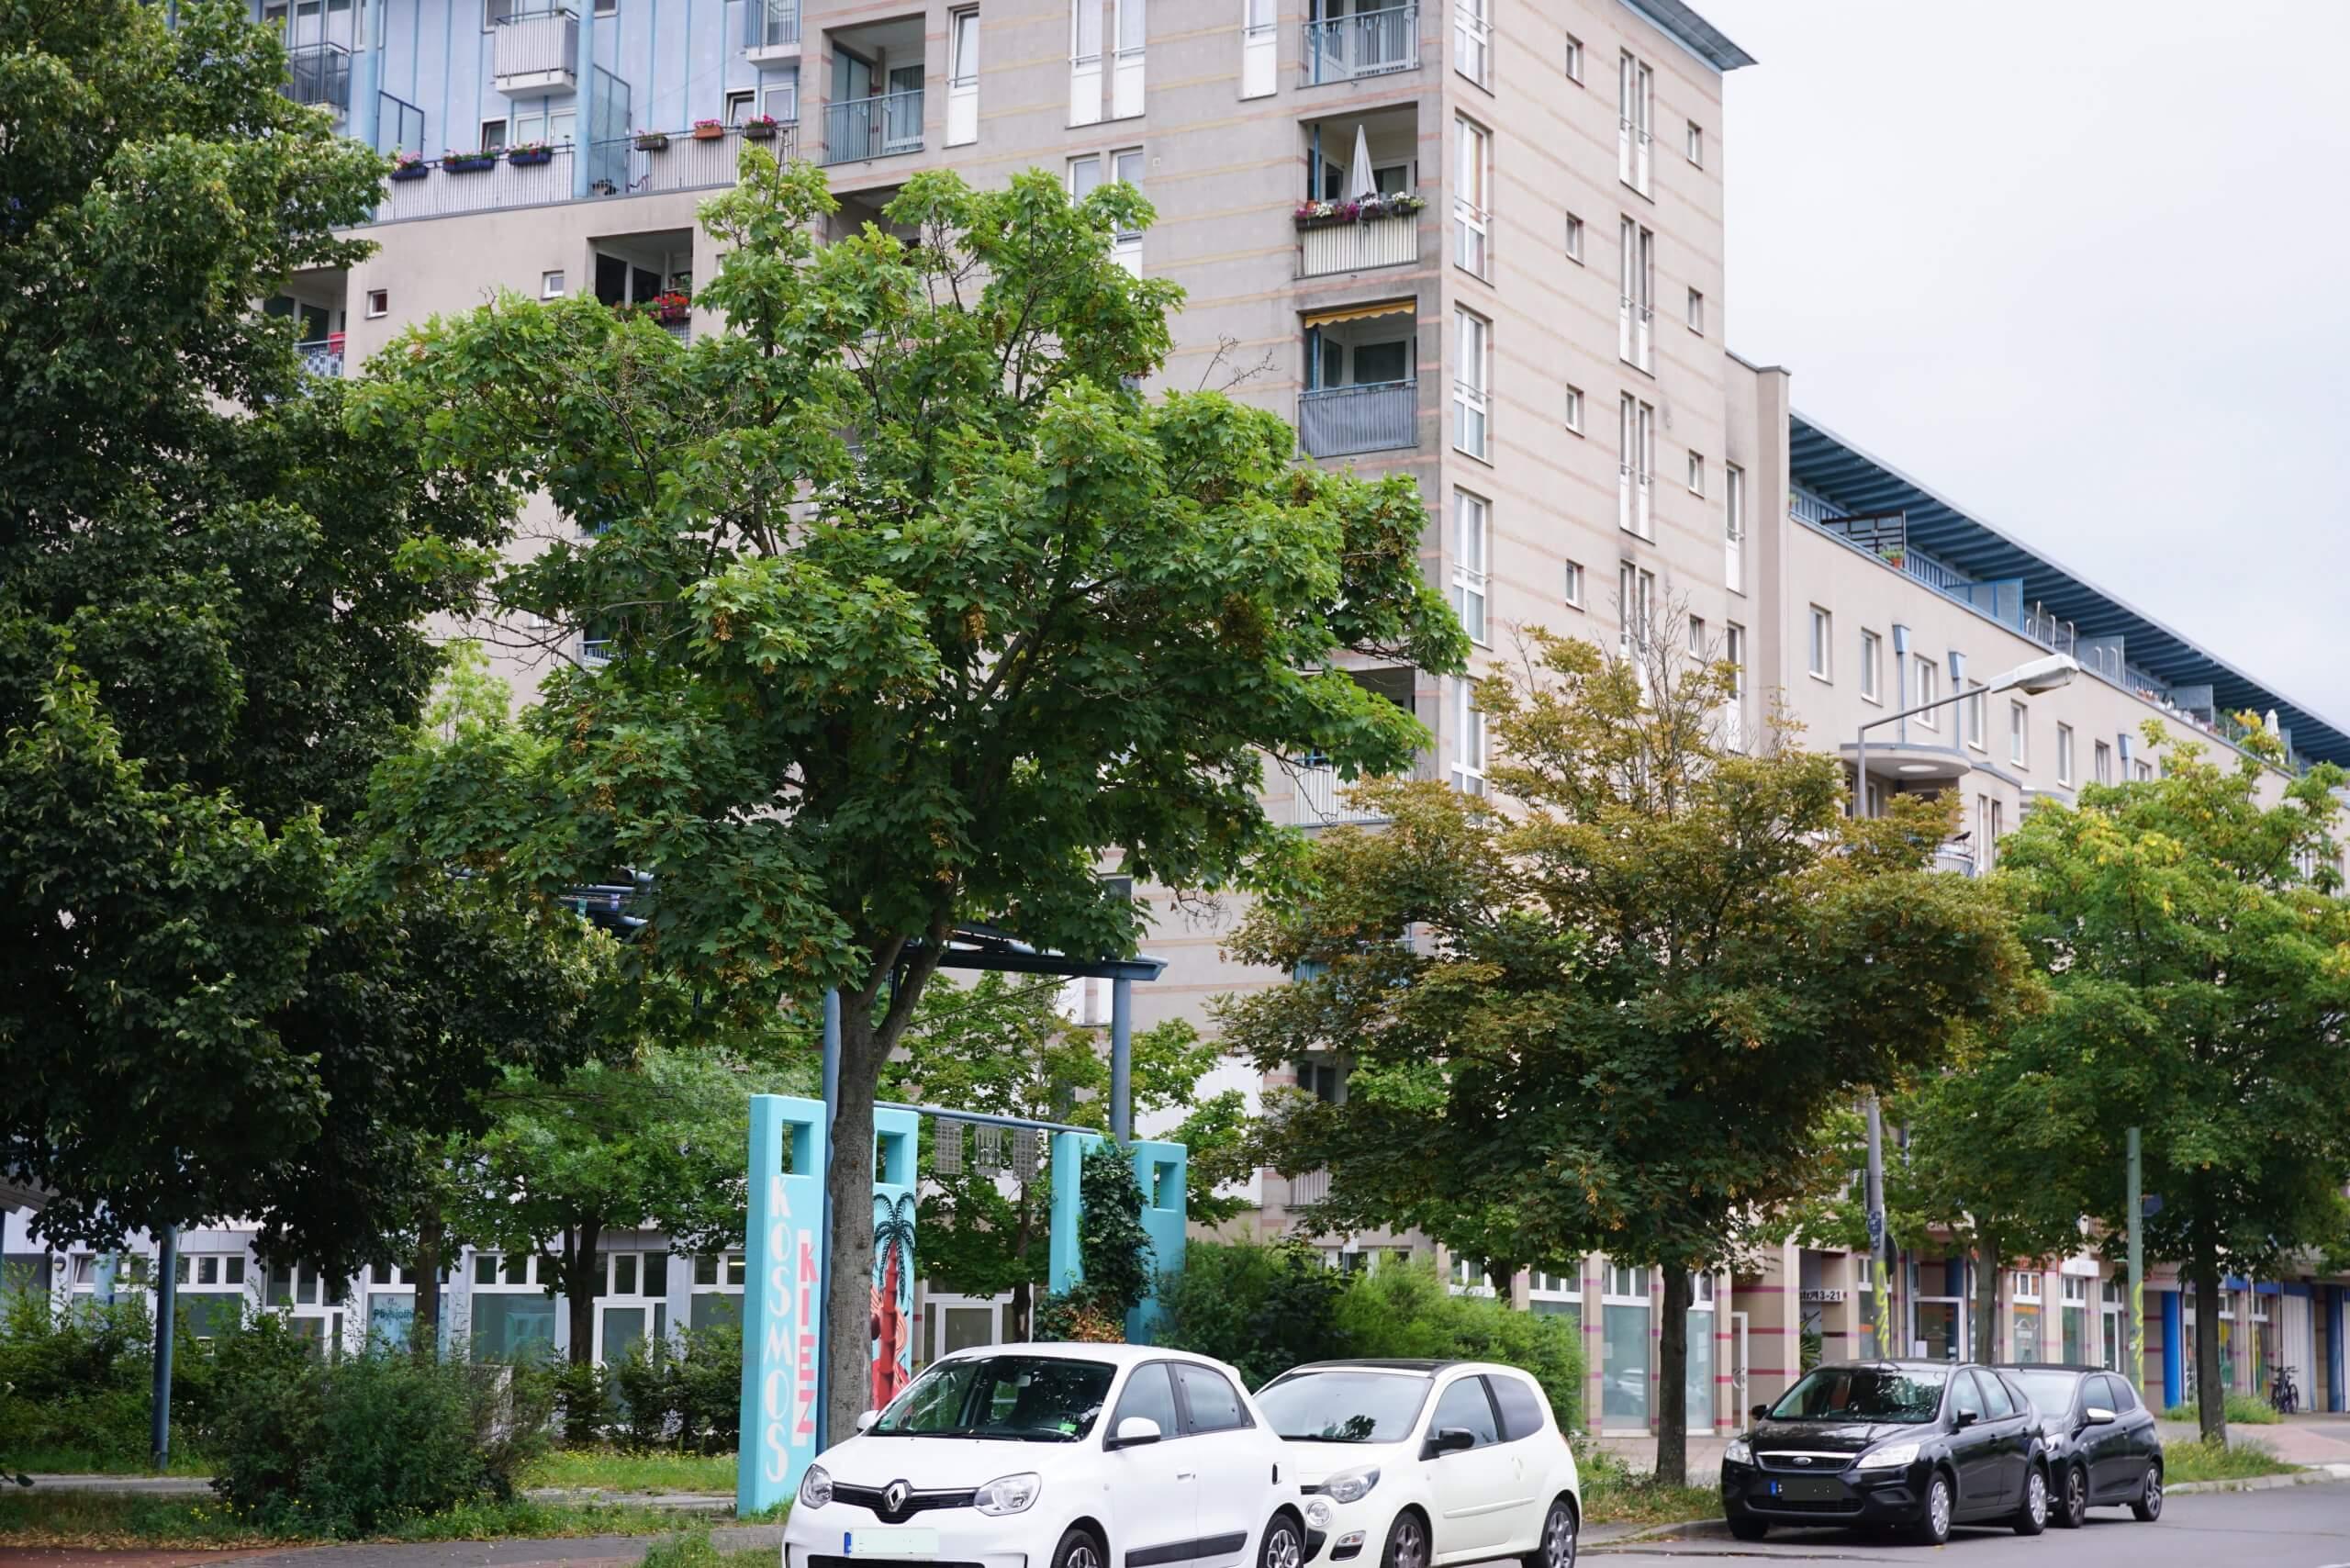 Das Bild zeigt zwei Berg-Ahorne an der Siriusstraße im Bereich des Zugangs zum zentralen Grünzug.